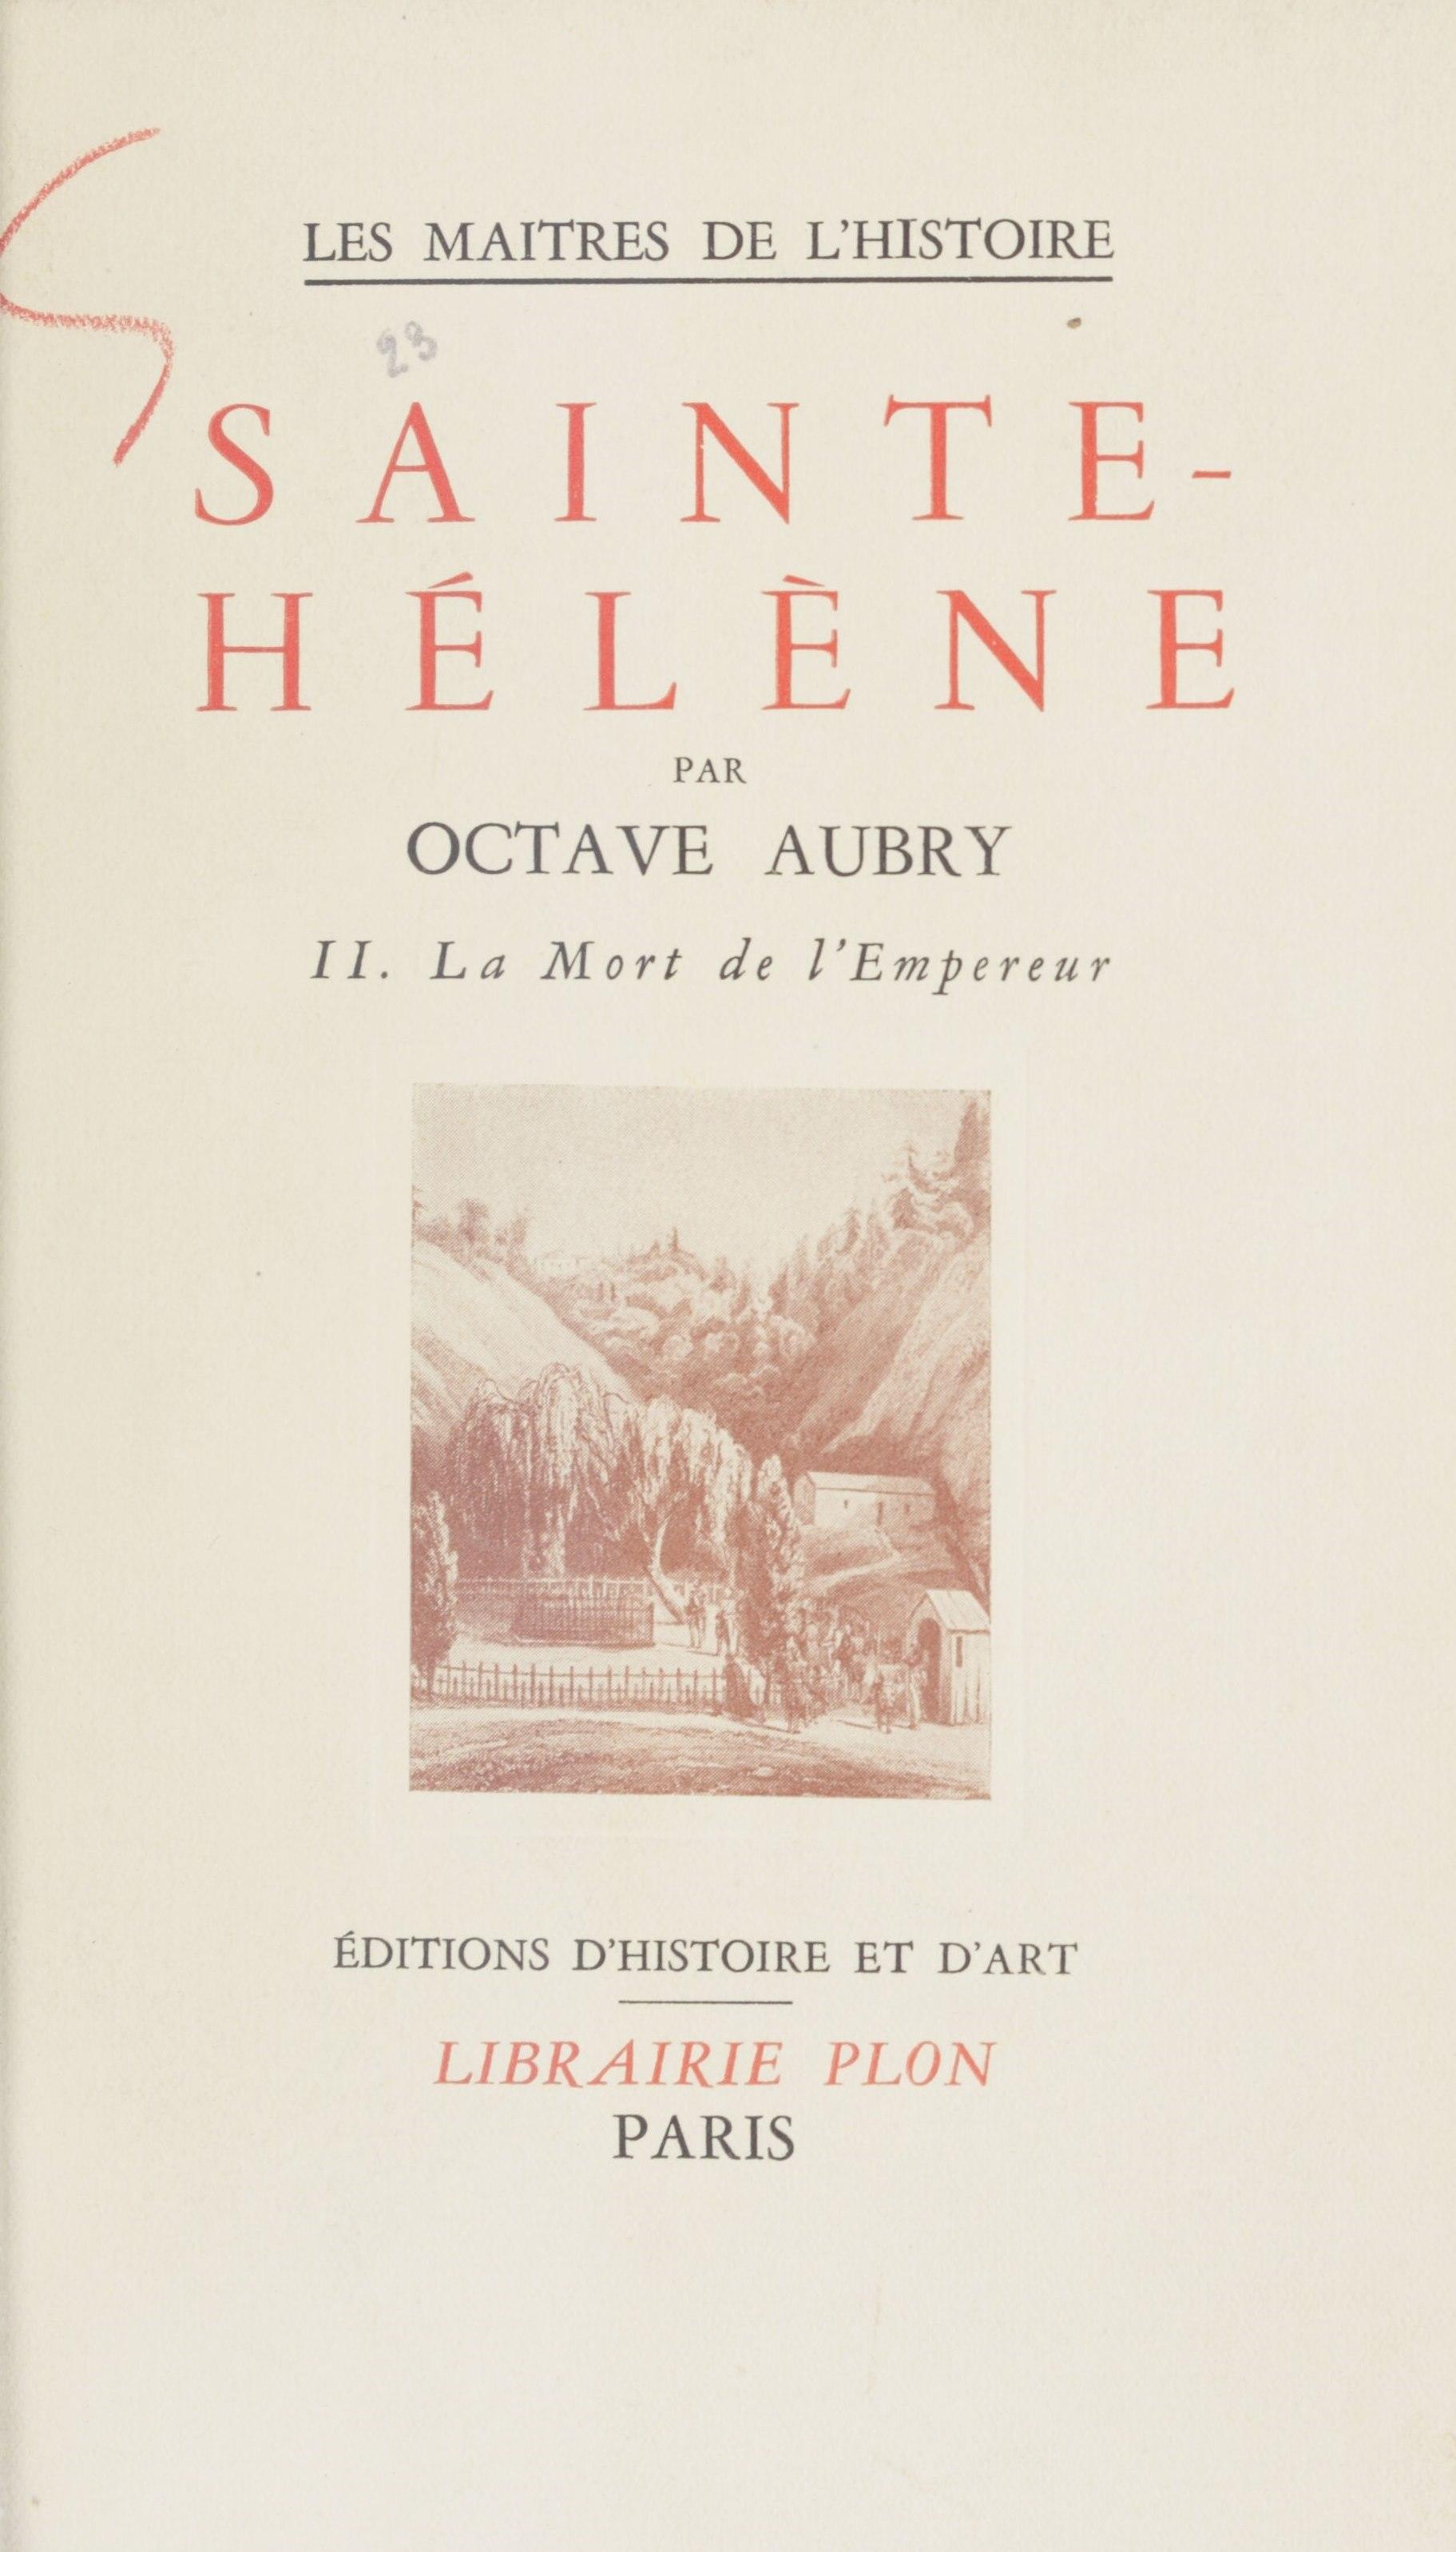 Sainte-Hélène (2), LA MORT DE L'EMPEREUR